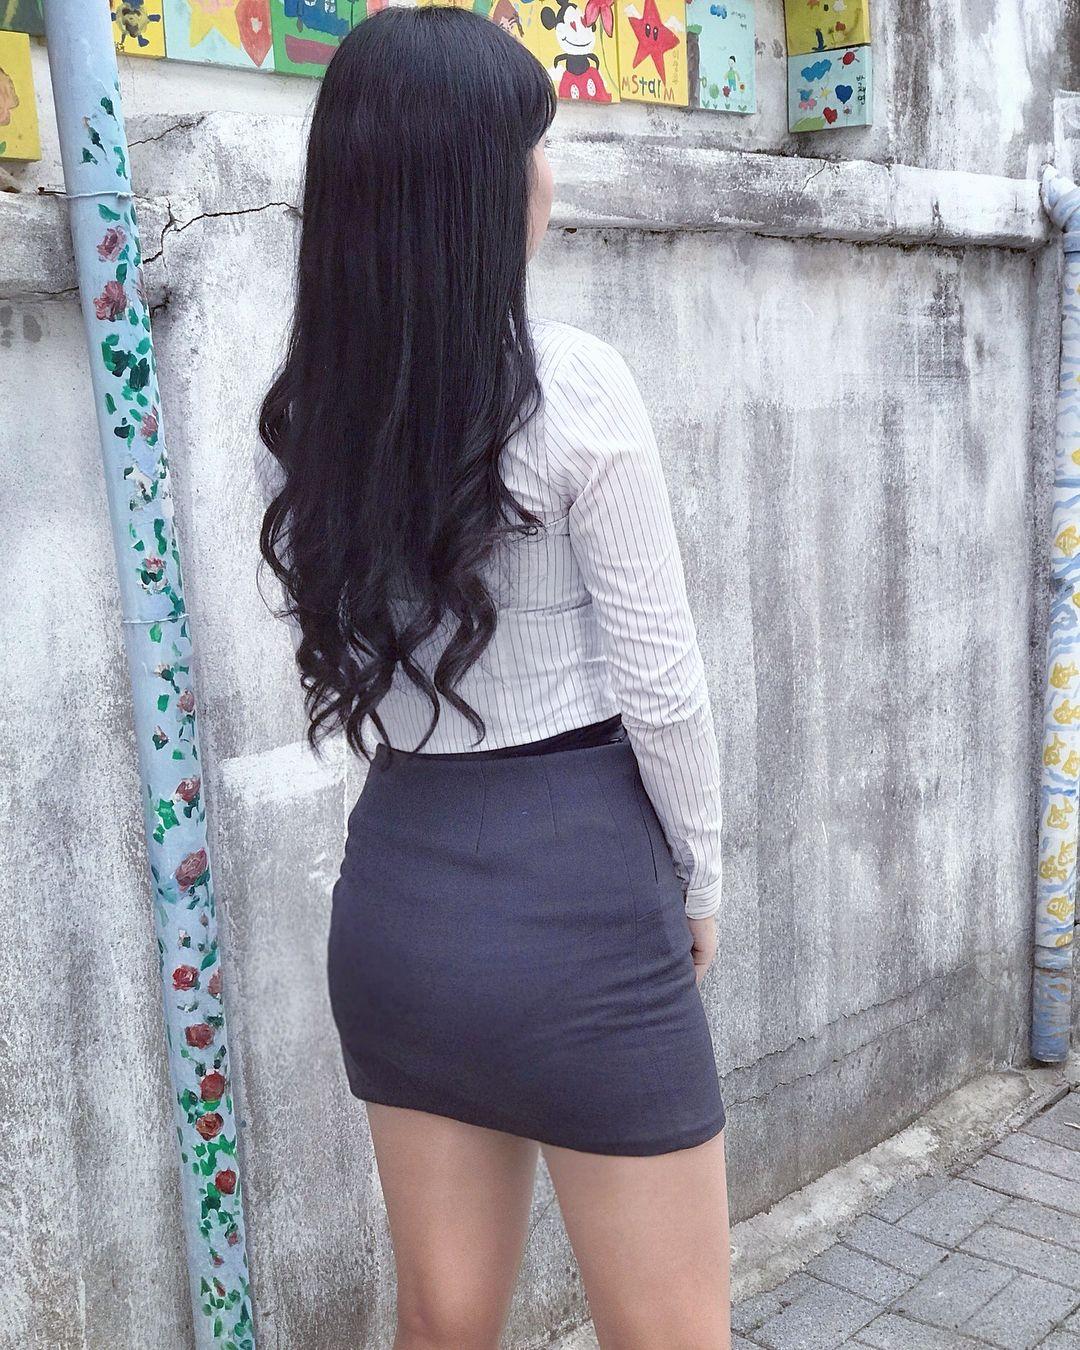 際どいファッションで街中を歩く半露出狂の韓国女性たち(画像25枚)・18枚目